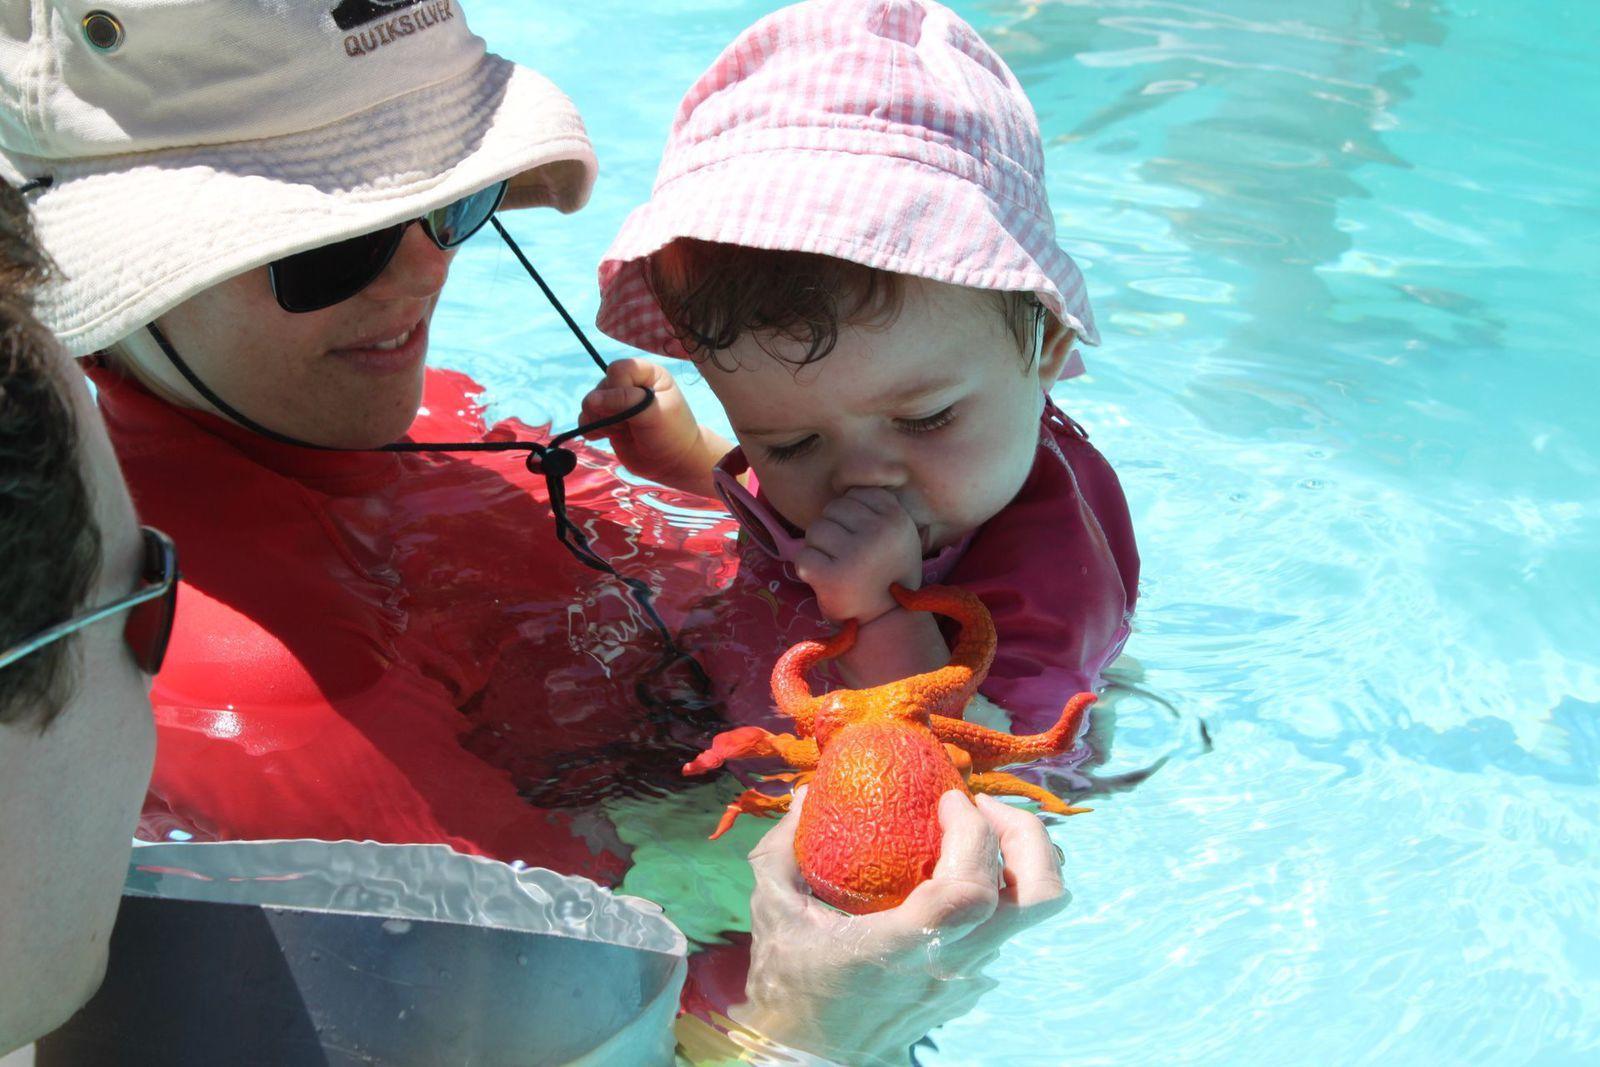 Madonie va au bébé nageur le jour de ses 9 mois